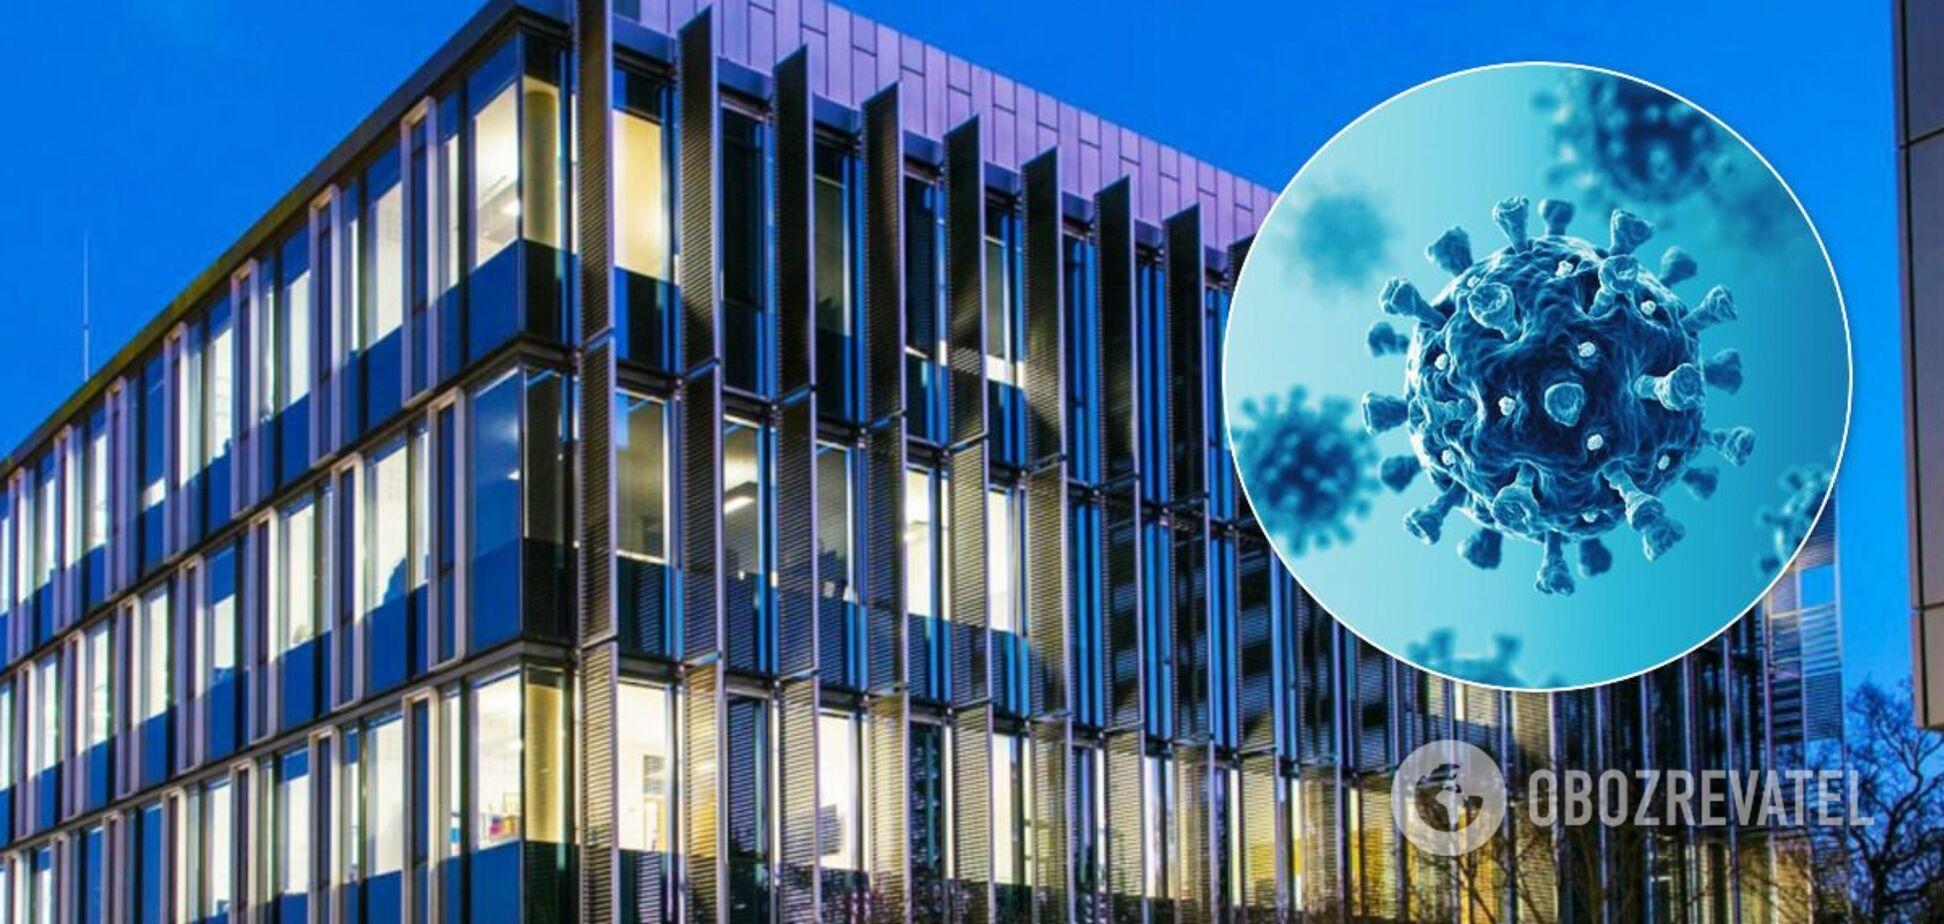 Вчені із Саутгемптонського університету знайшли 'короткий' білок